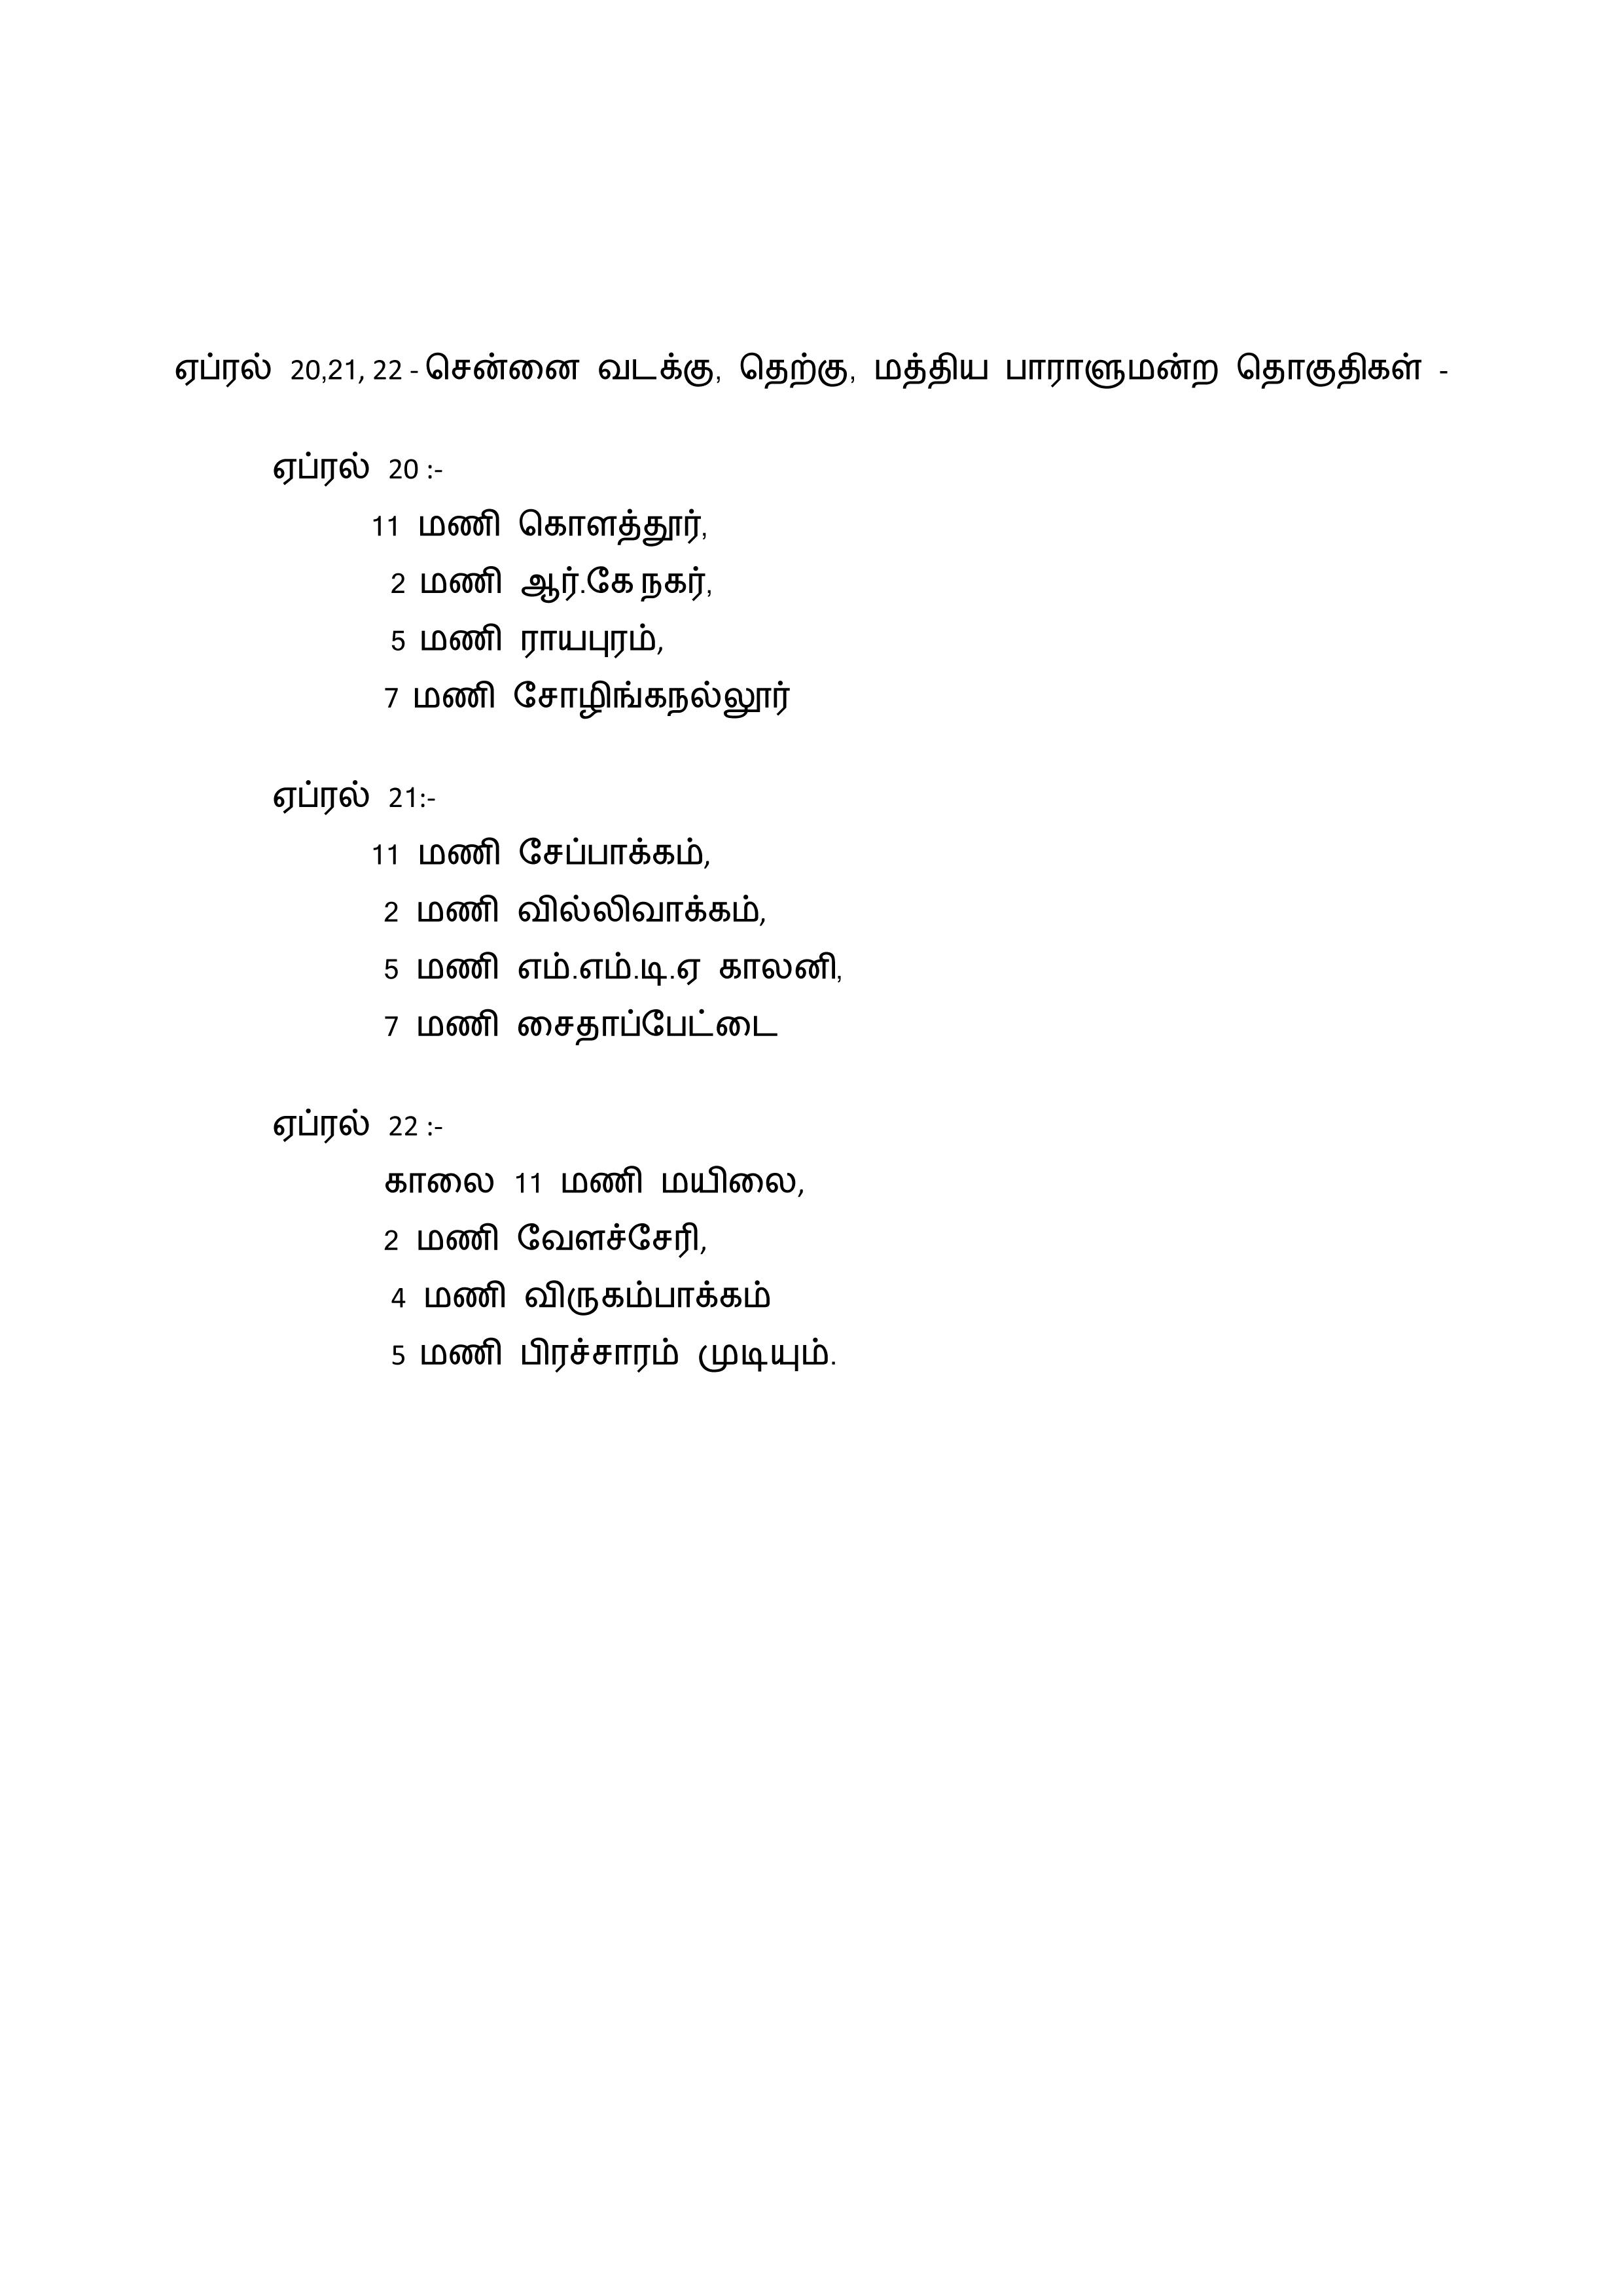 நாம் தமிழர் கட்சித் தலைவர் சீமான் அவர்களின் பரப்புரை பயணத்திட்டம் page 6